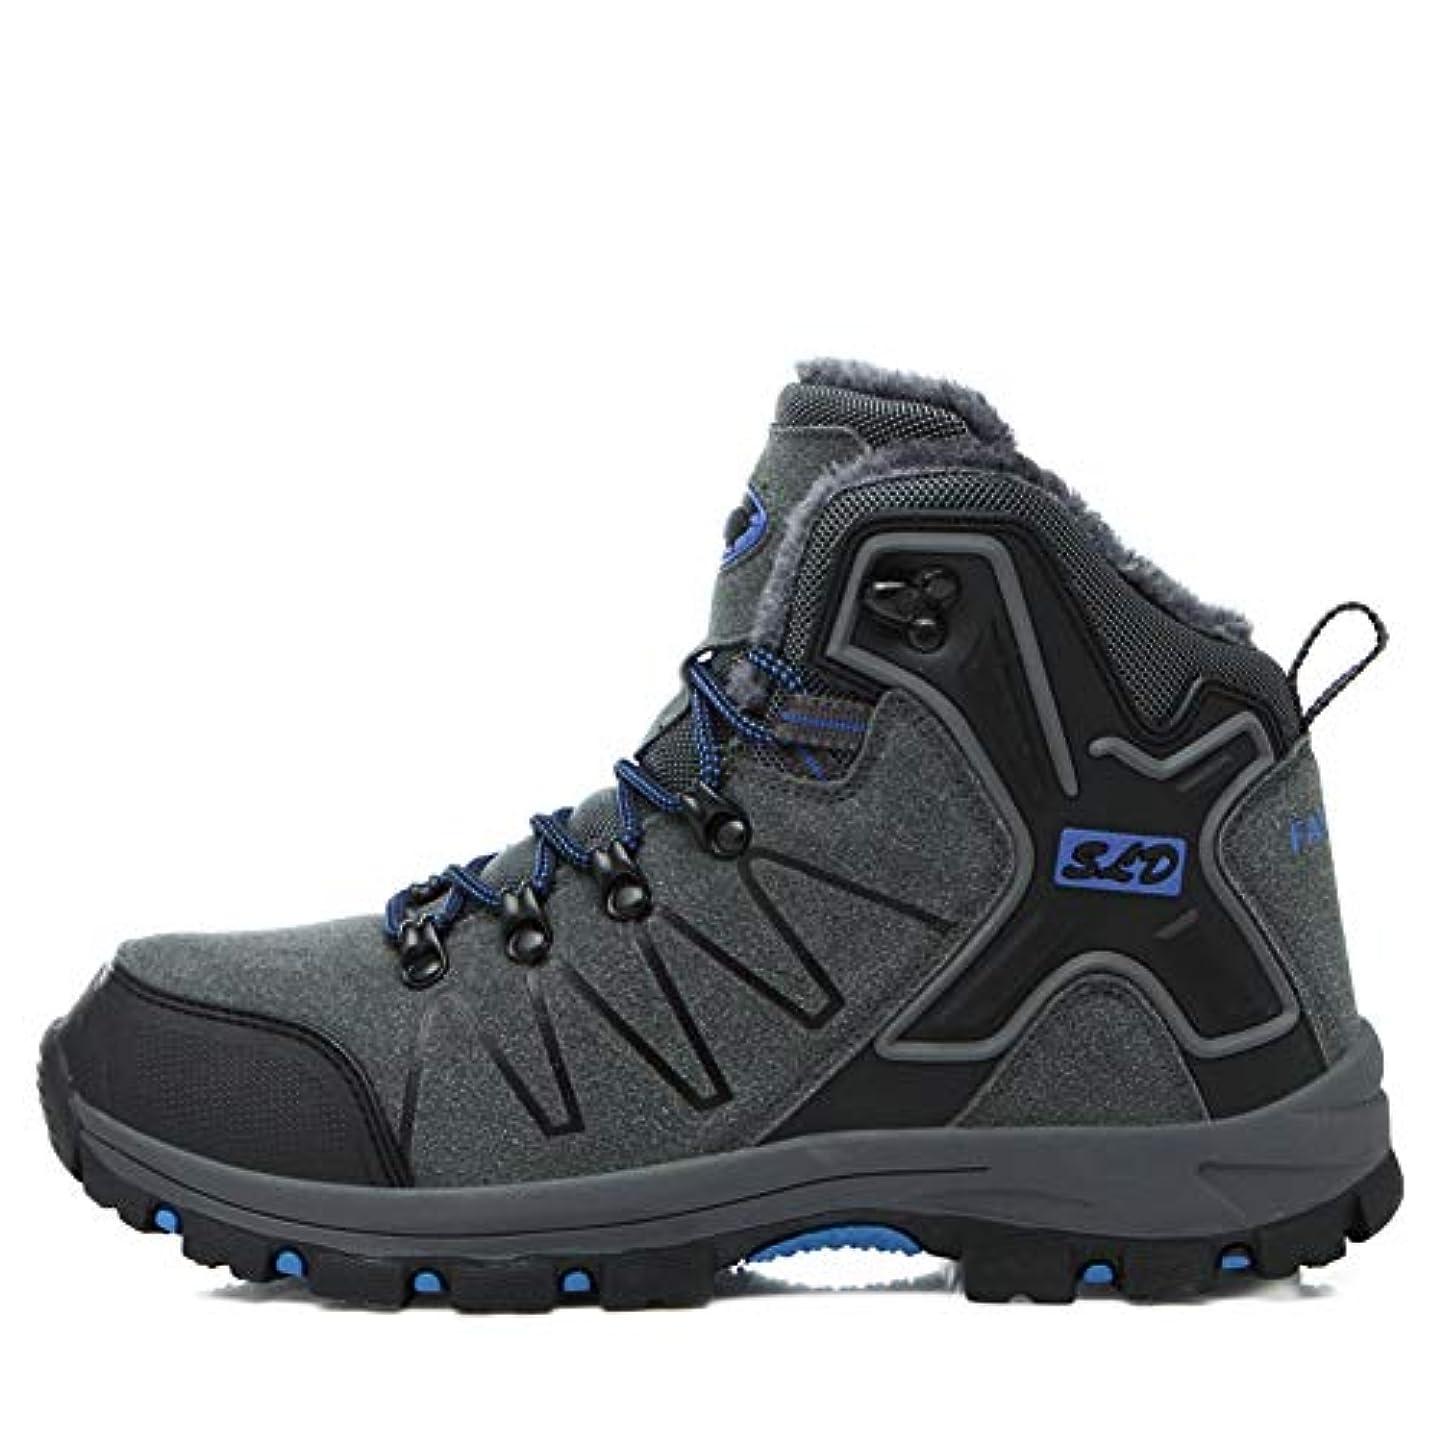 検出器順応性進む[TcIFE] トレッキングシューズ メンズ 防水 防滑 ハイカット 登山靴 大きいサイズ ハイキングシューズ メンズ 耐磨耗 ハイキングシューズ メンズ 通気性 スニーカー